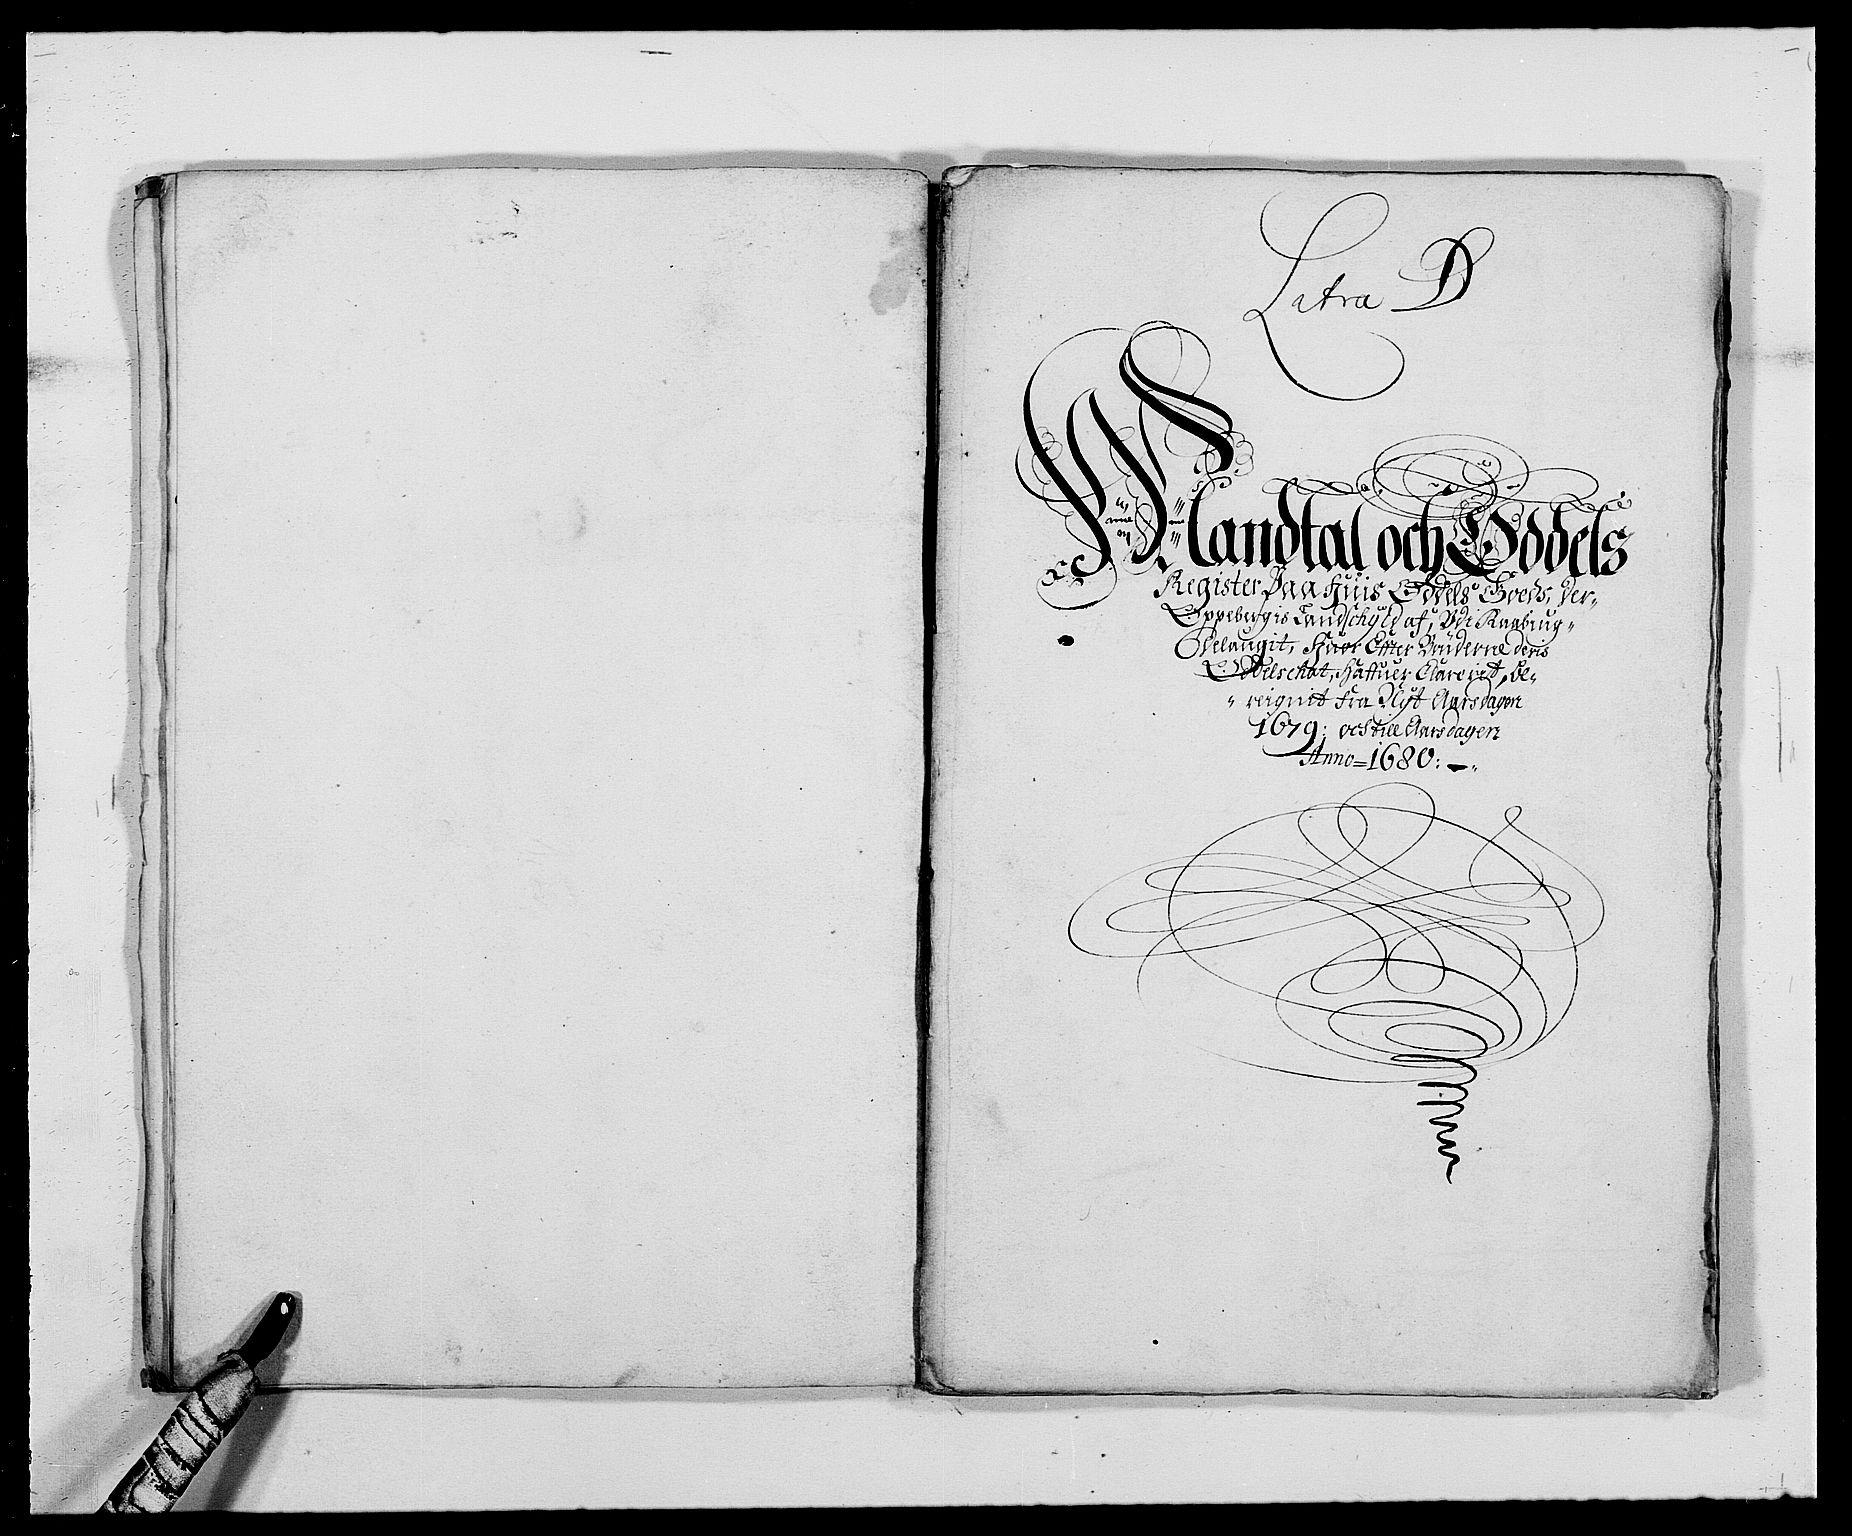 RA, Rentekammeret inntil 1814, Reviderte regnskaper, Fogderegnskap, R40/L2436: Fogderegnskap Råbyggelag, 1679-1680, s. 30